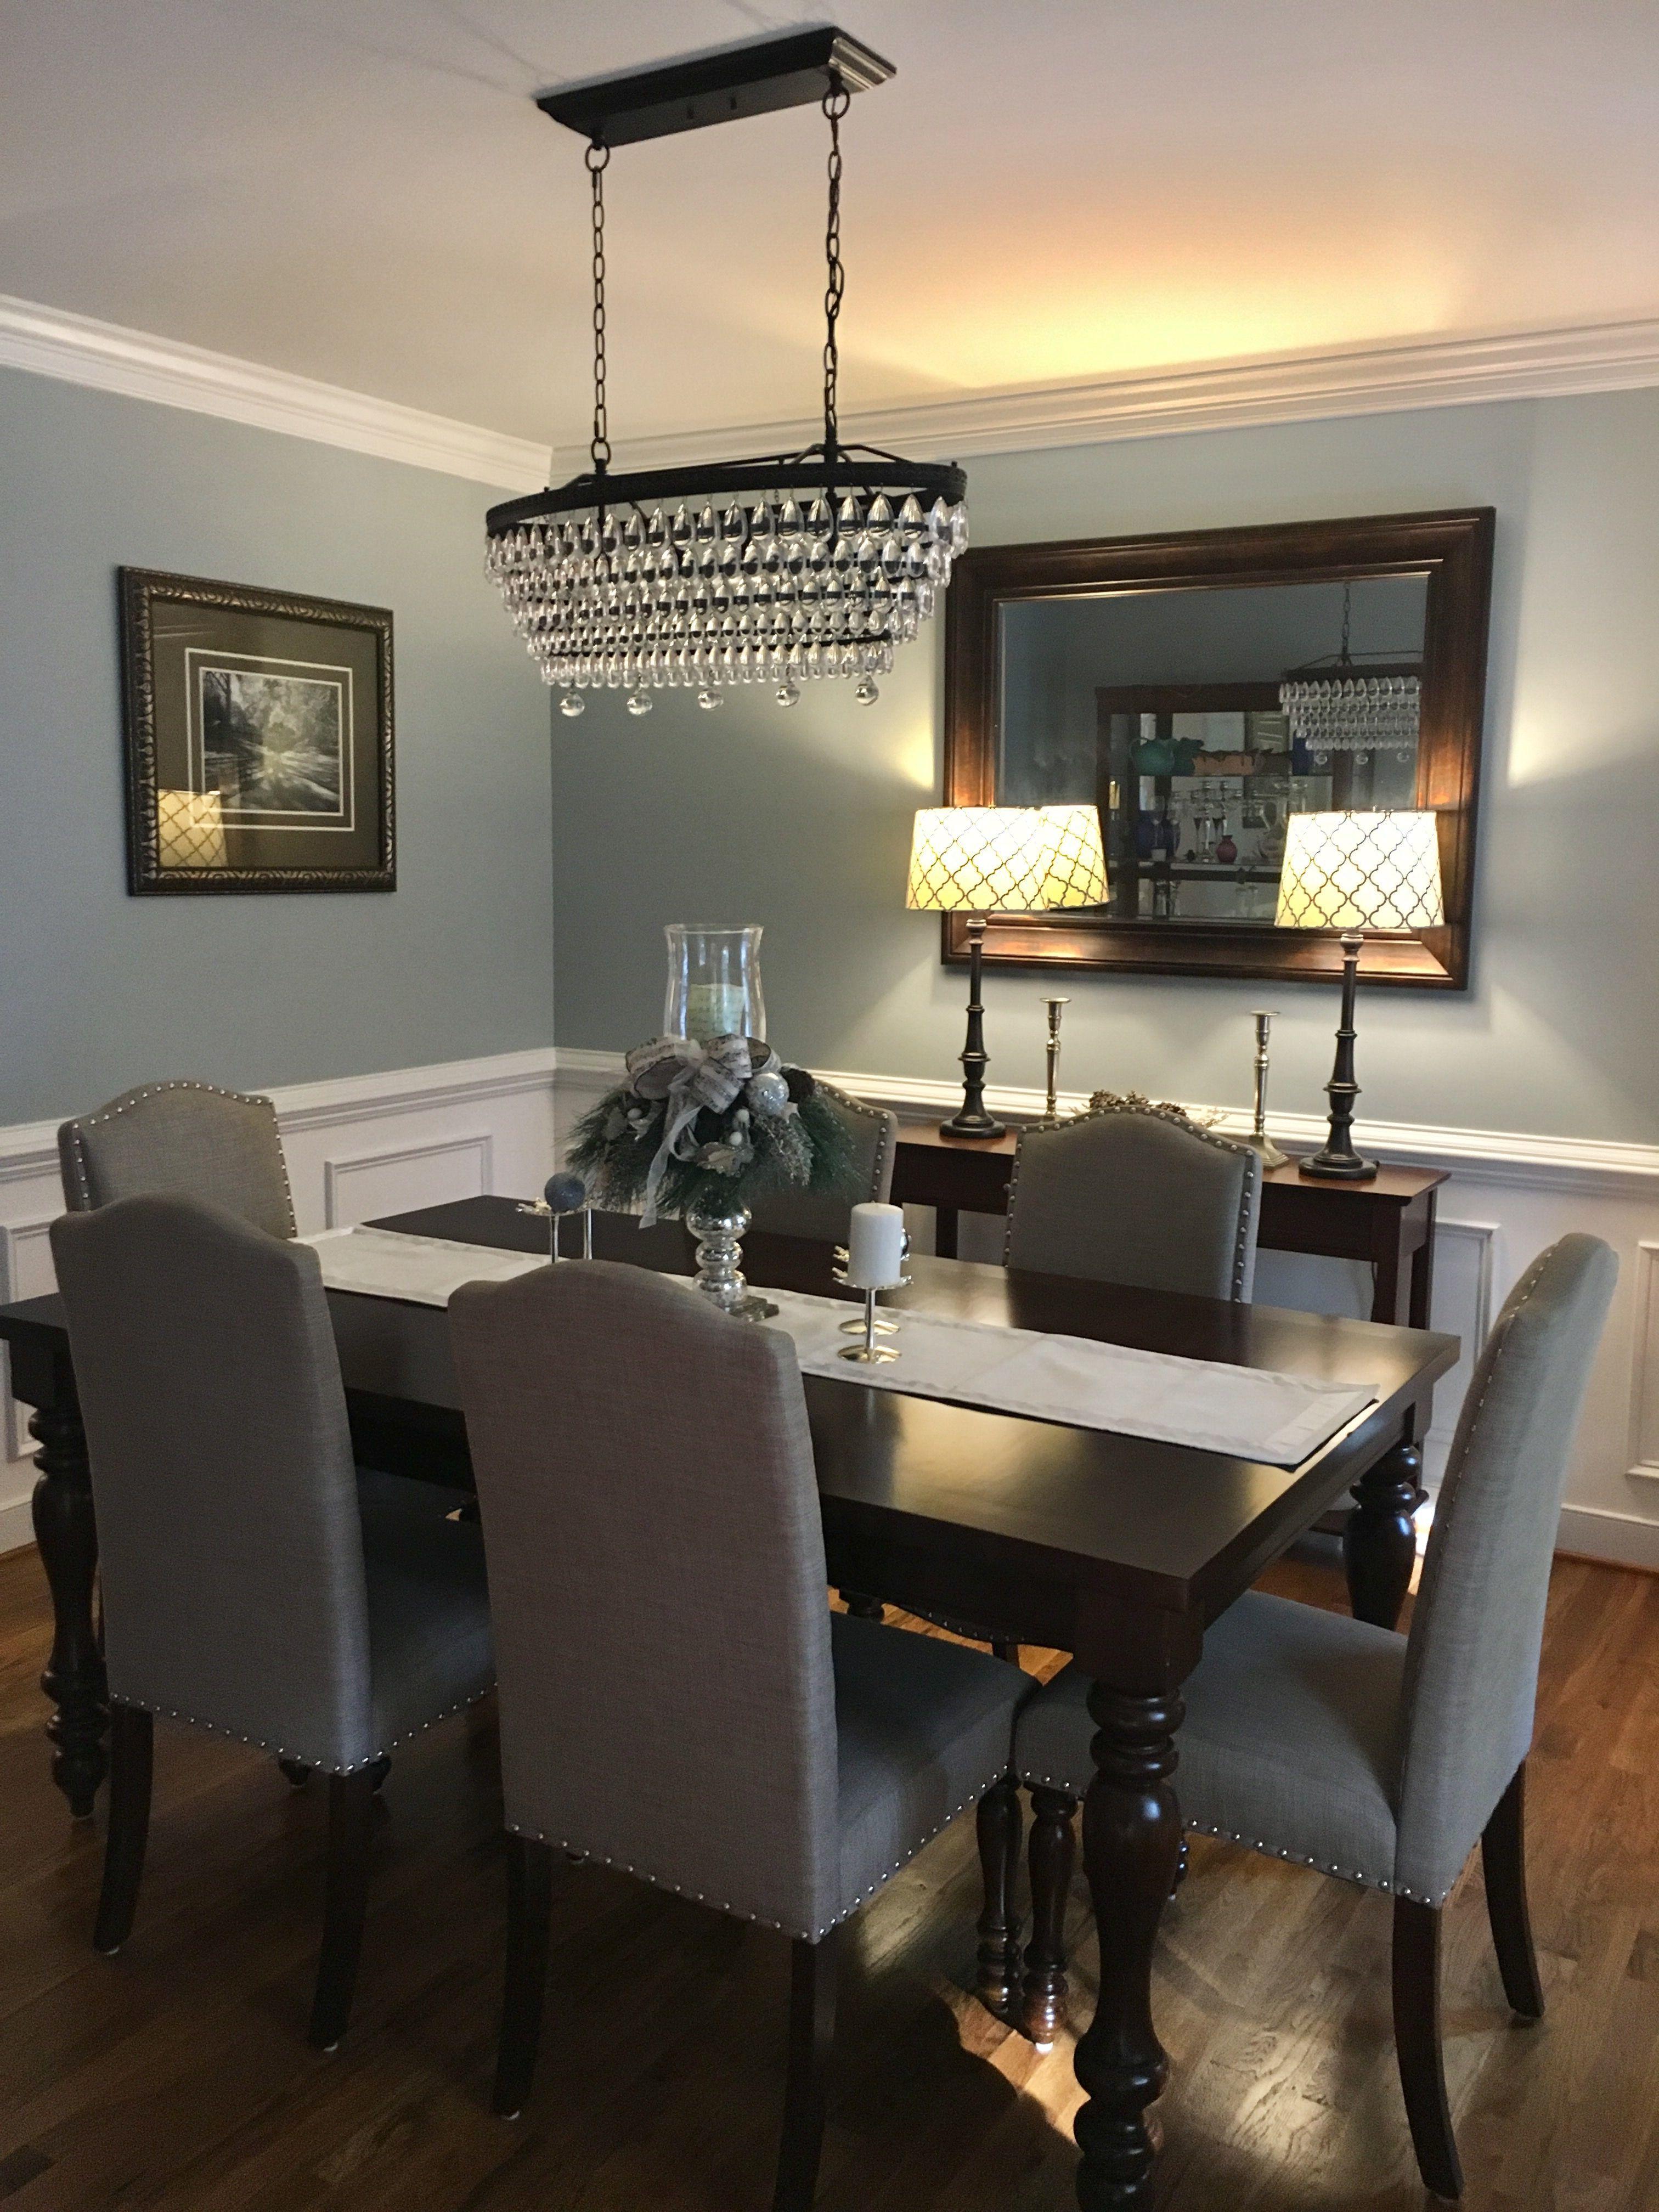 decoratedinnertablediningrooms in 2019 Dining room sets